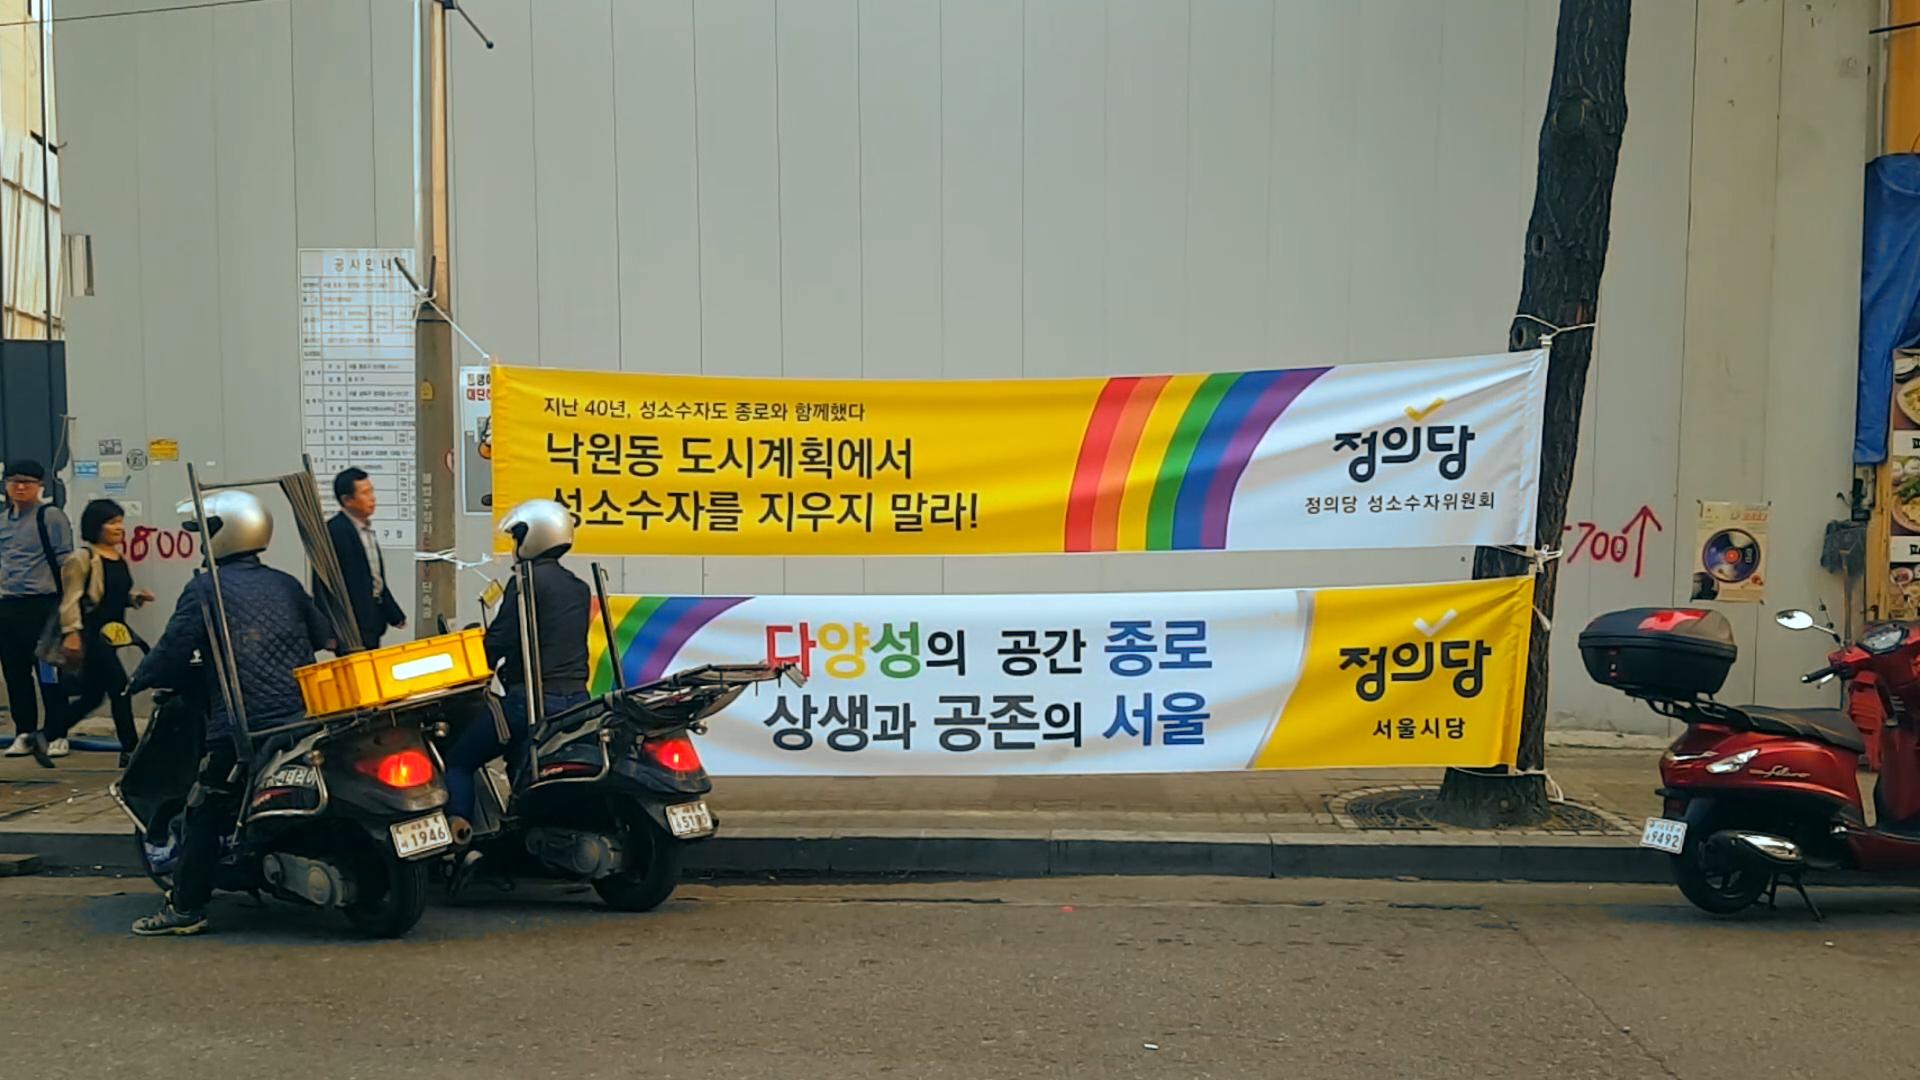 사진, 익선동 일대에 게시됐던 정의당 현수막.